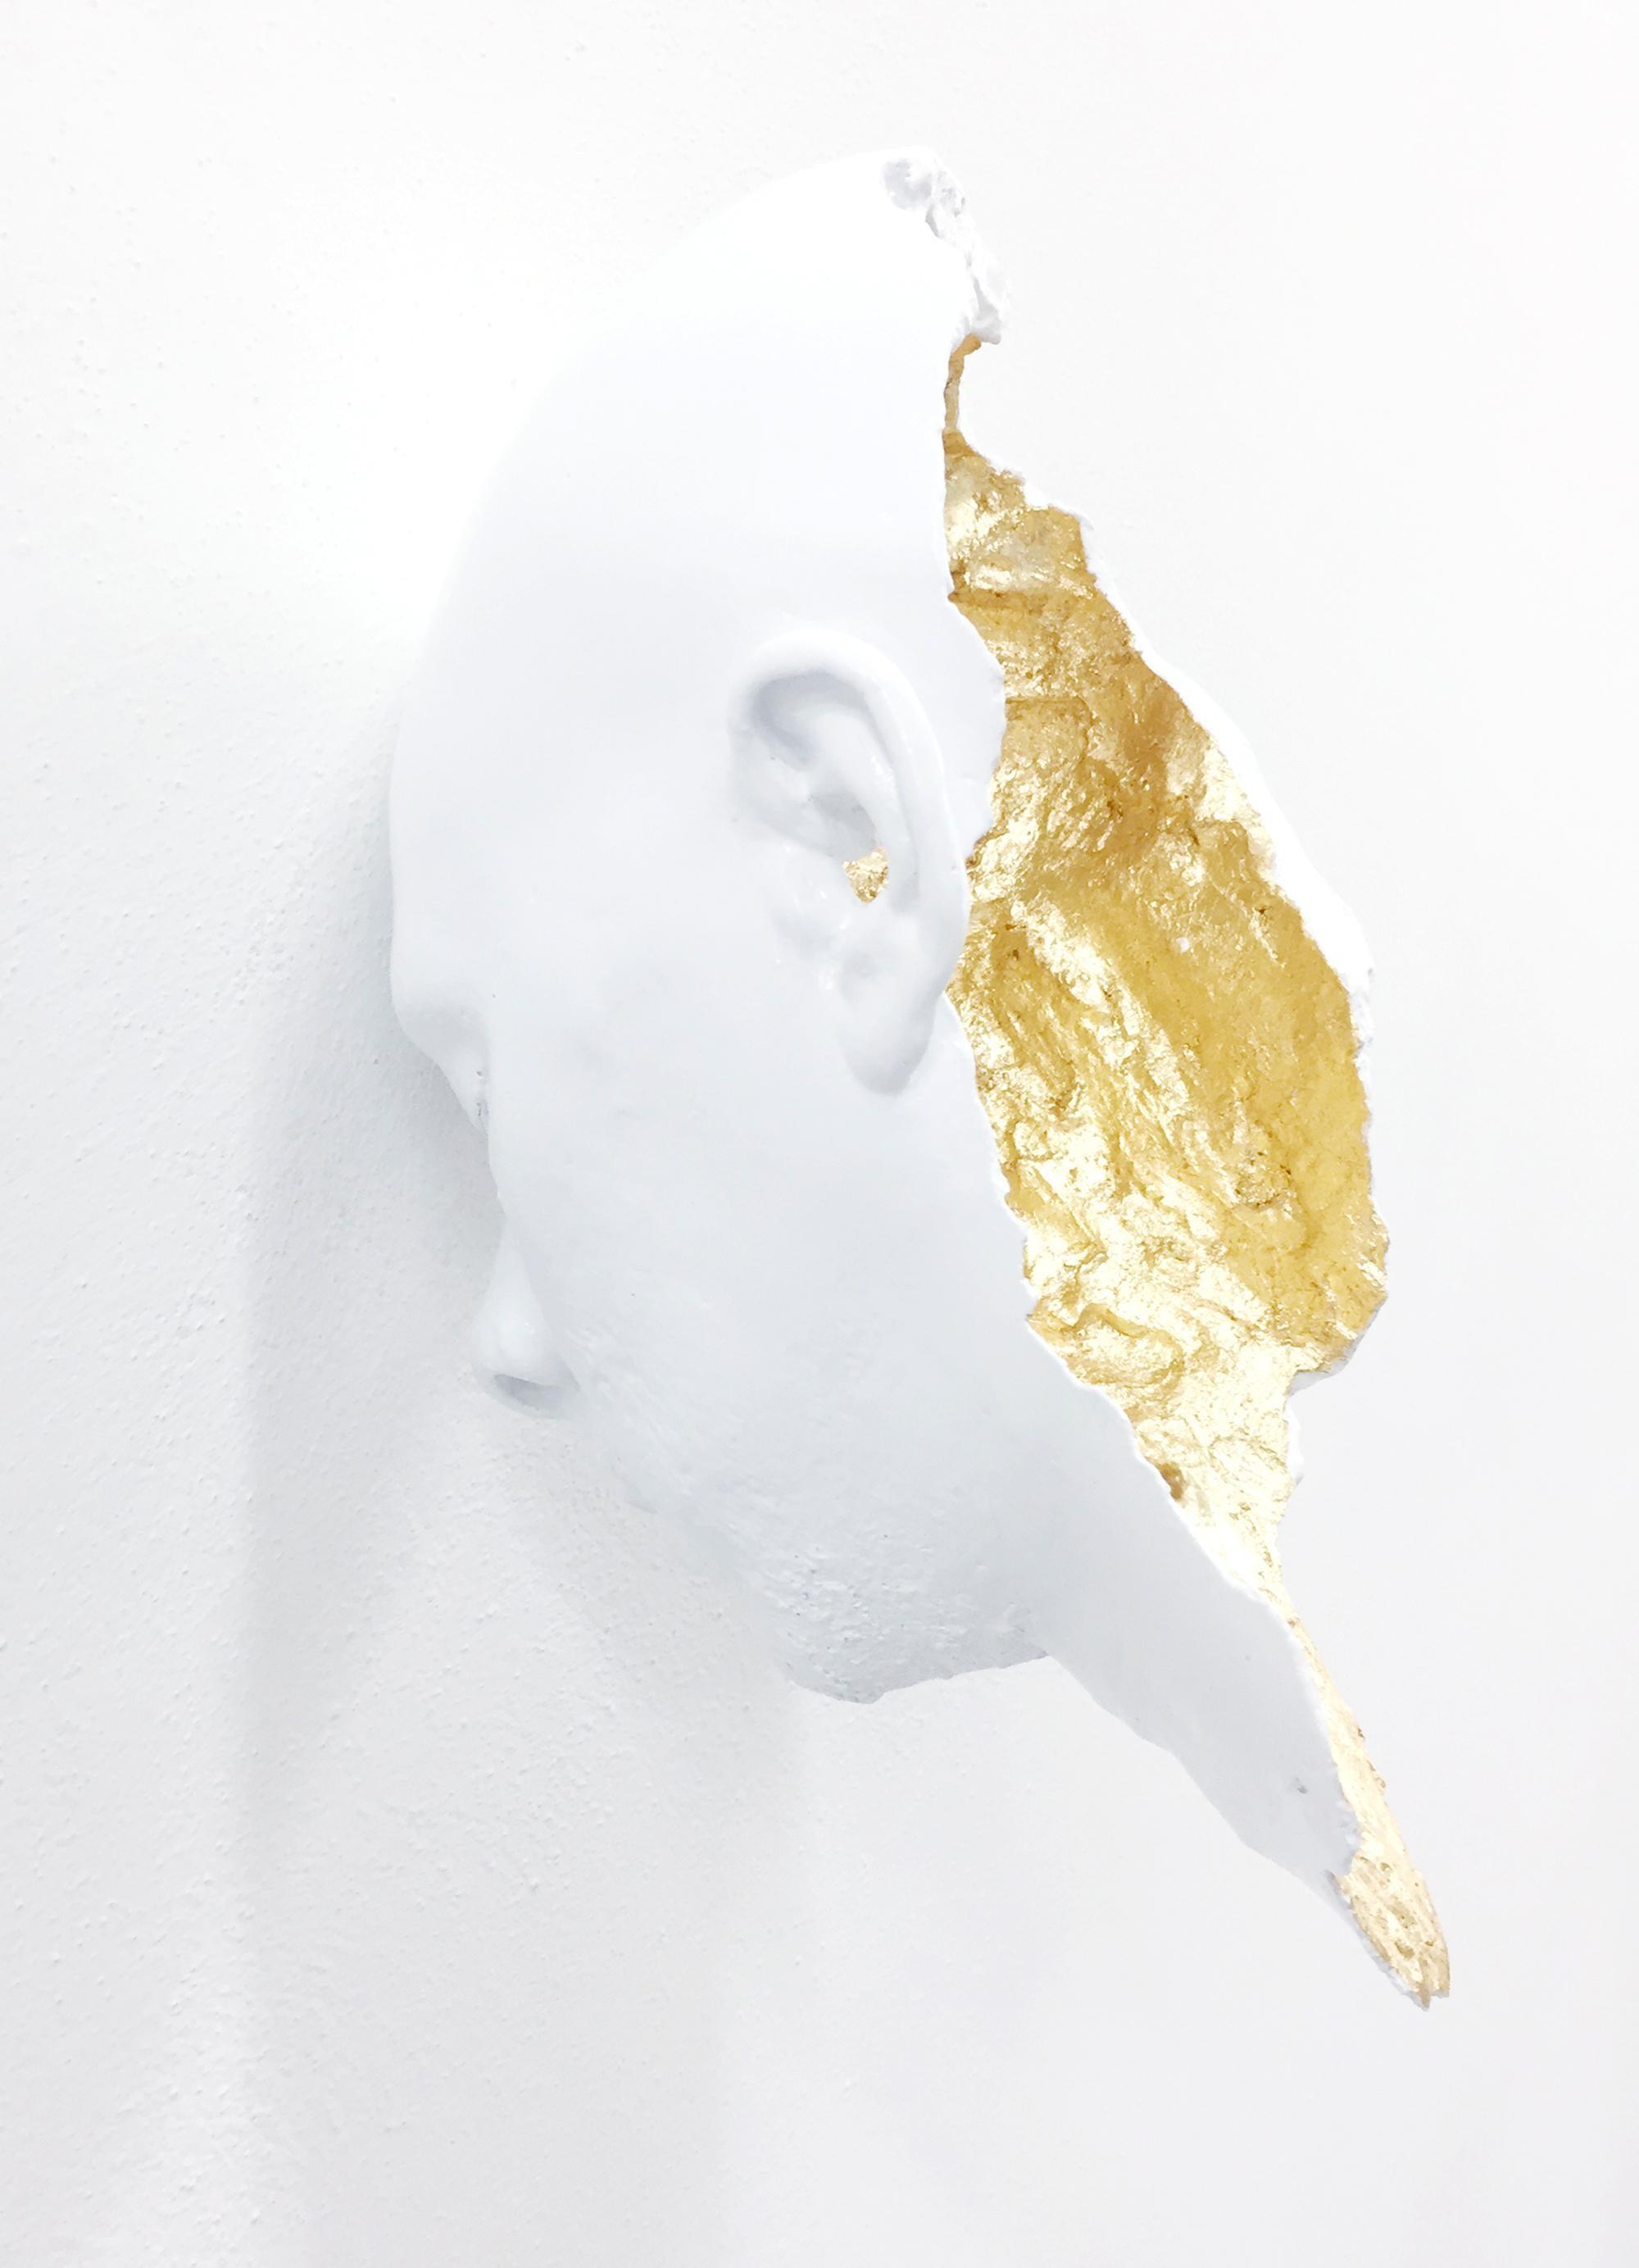 'I'm My Gold' Mixed Media Conceptual Figurative Sculpture